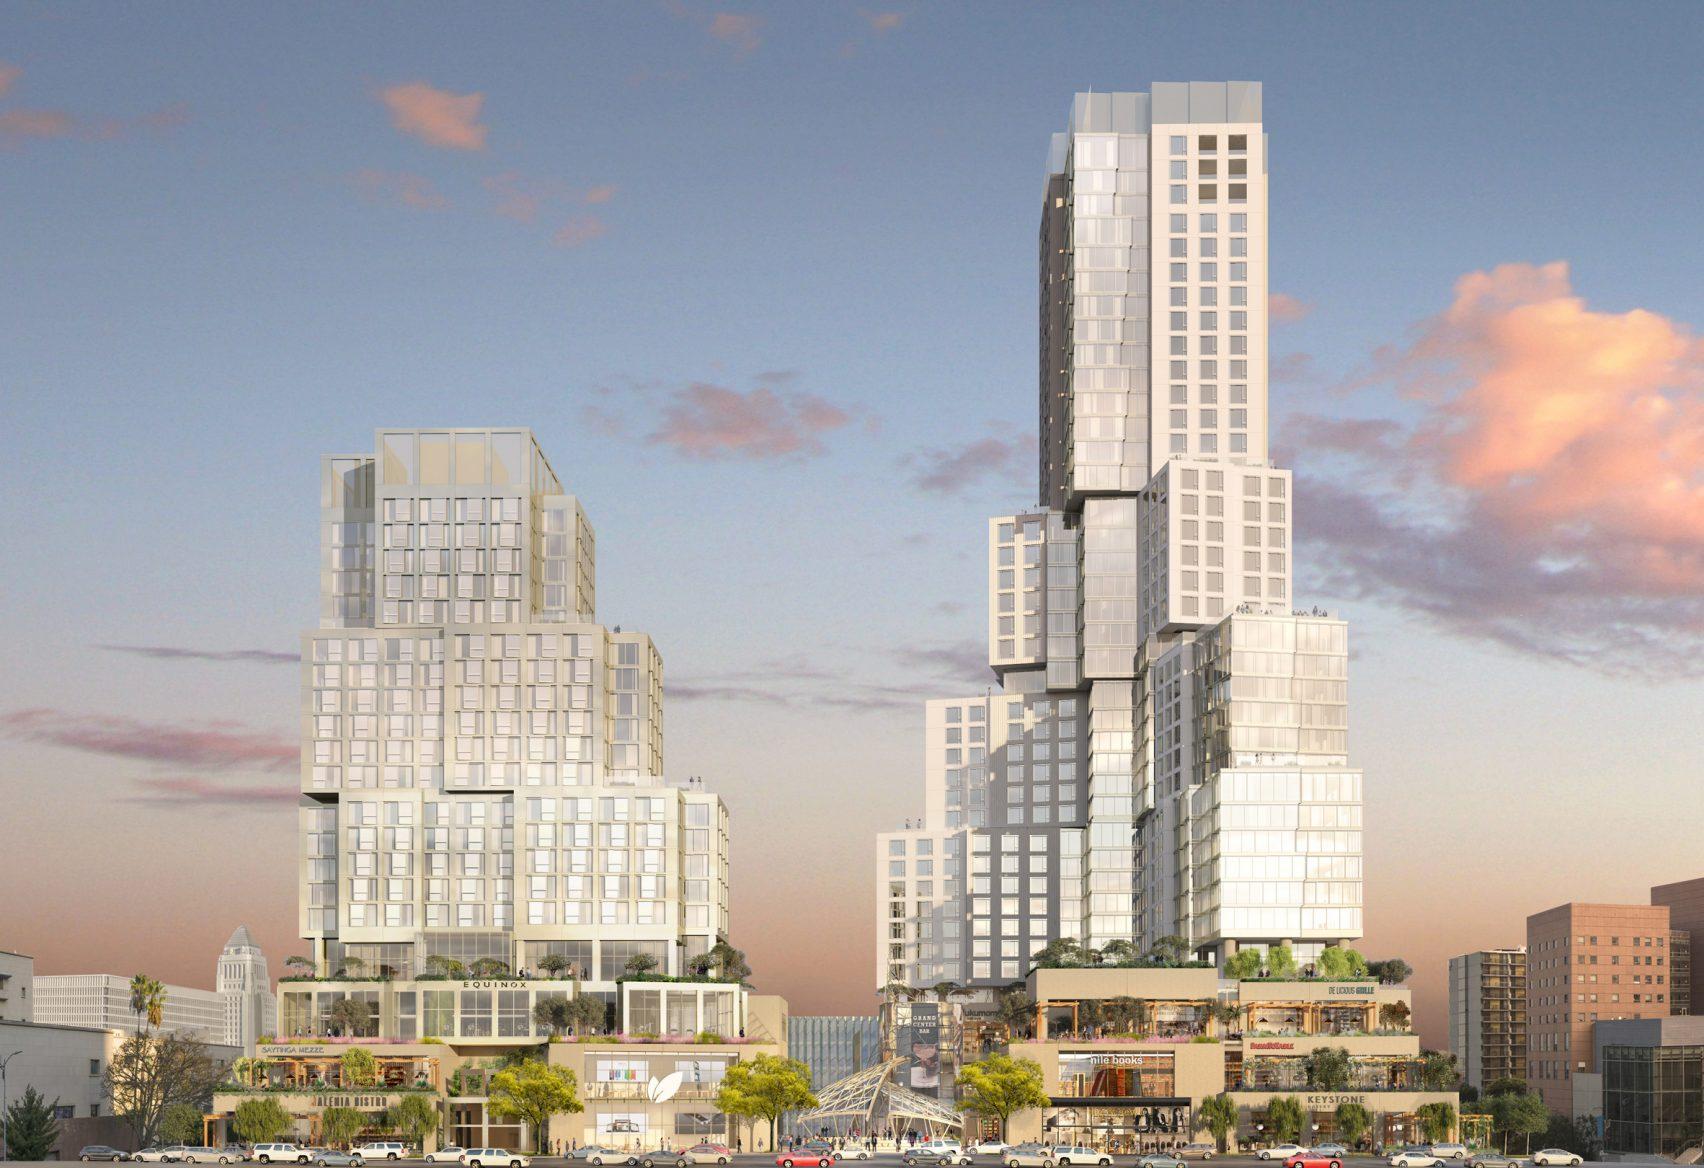 El complejo está formado por varios edificios